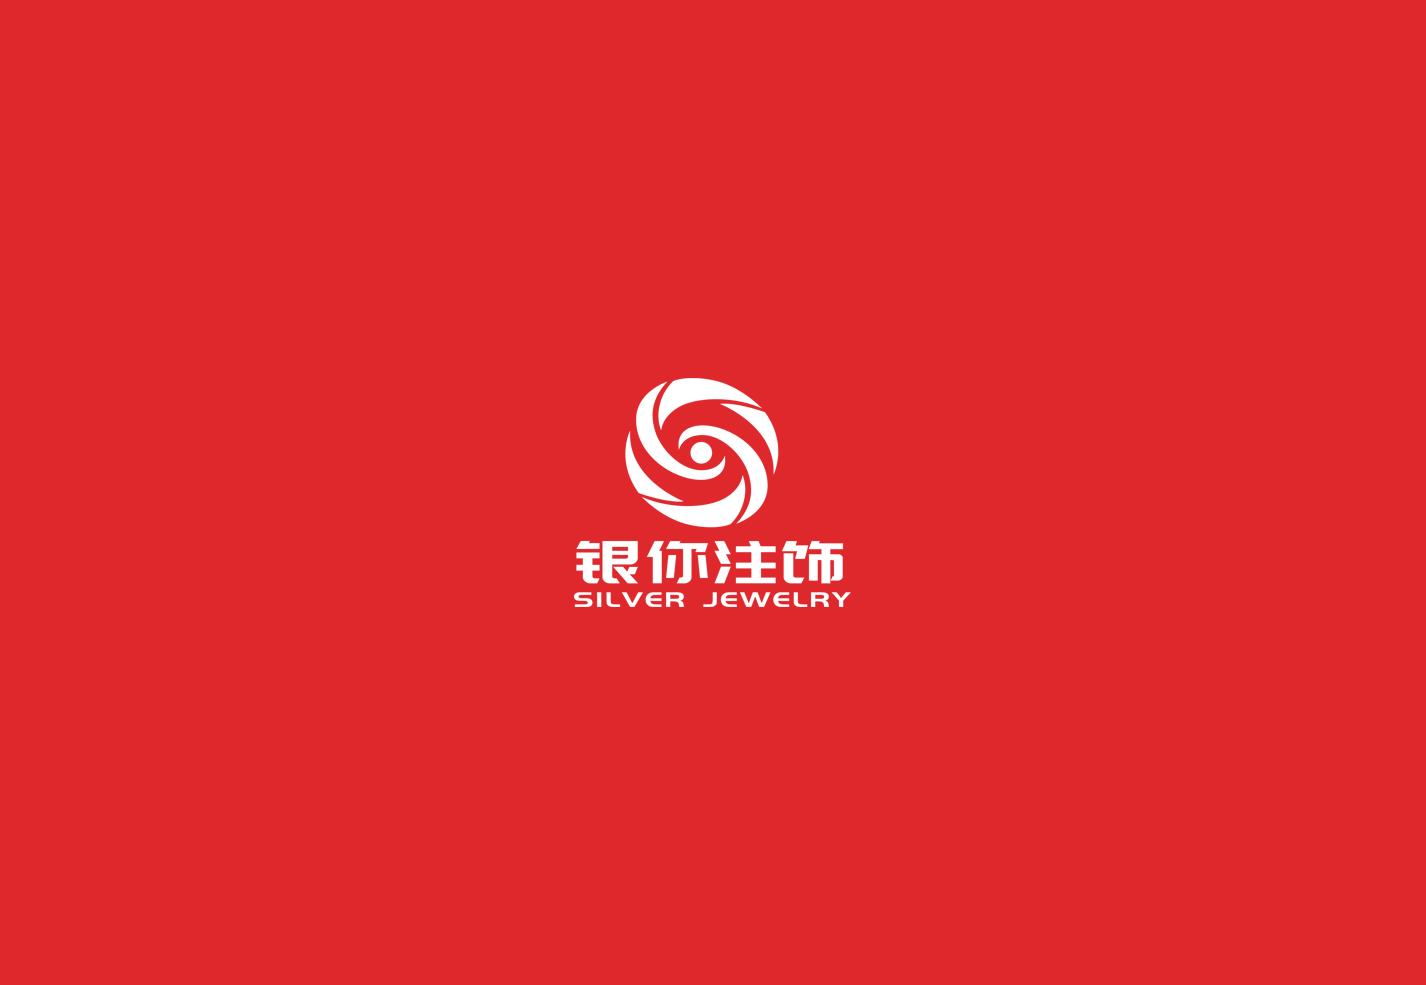 银饰logo设计_2952503_k68威客网